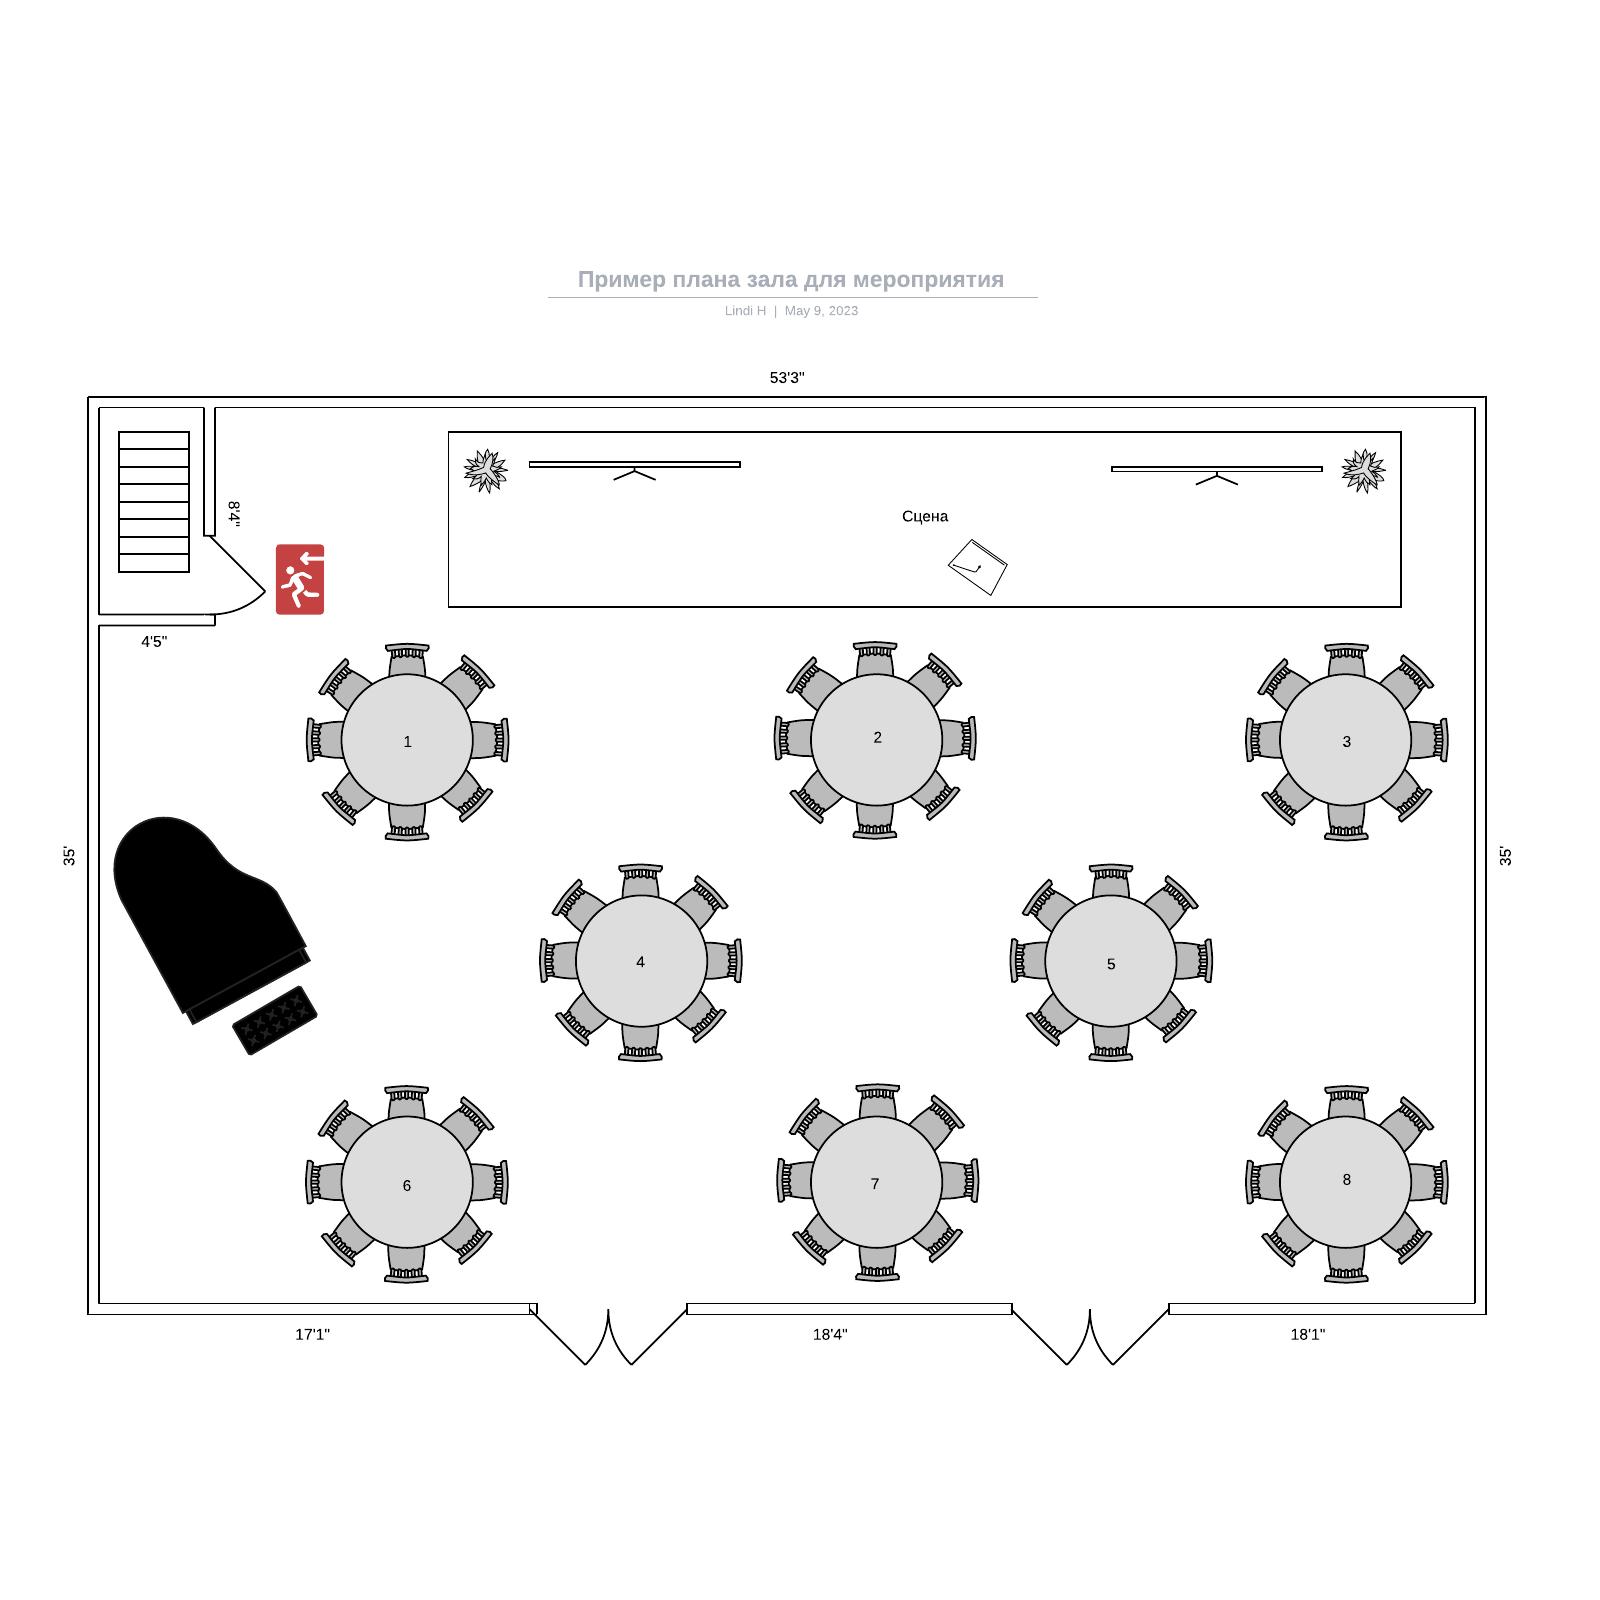 Пример плана зала для мероприятия